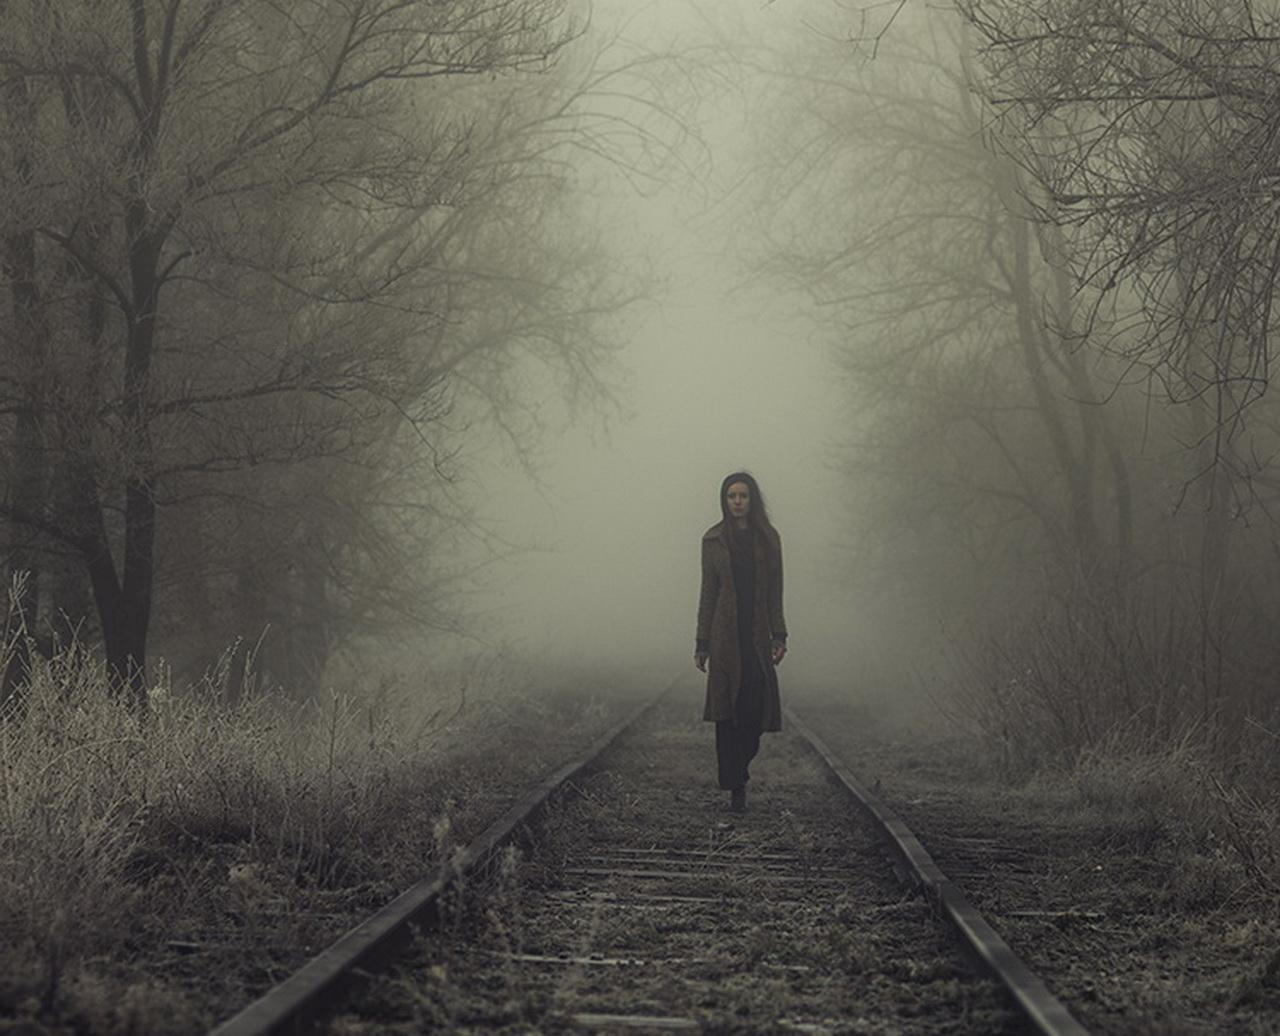 Картинка для Твоё будущее так туманно… Прошлое